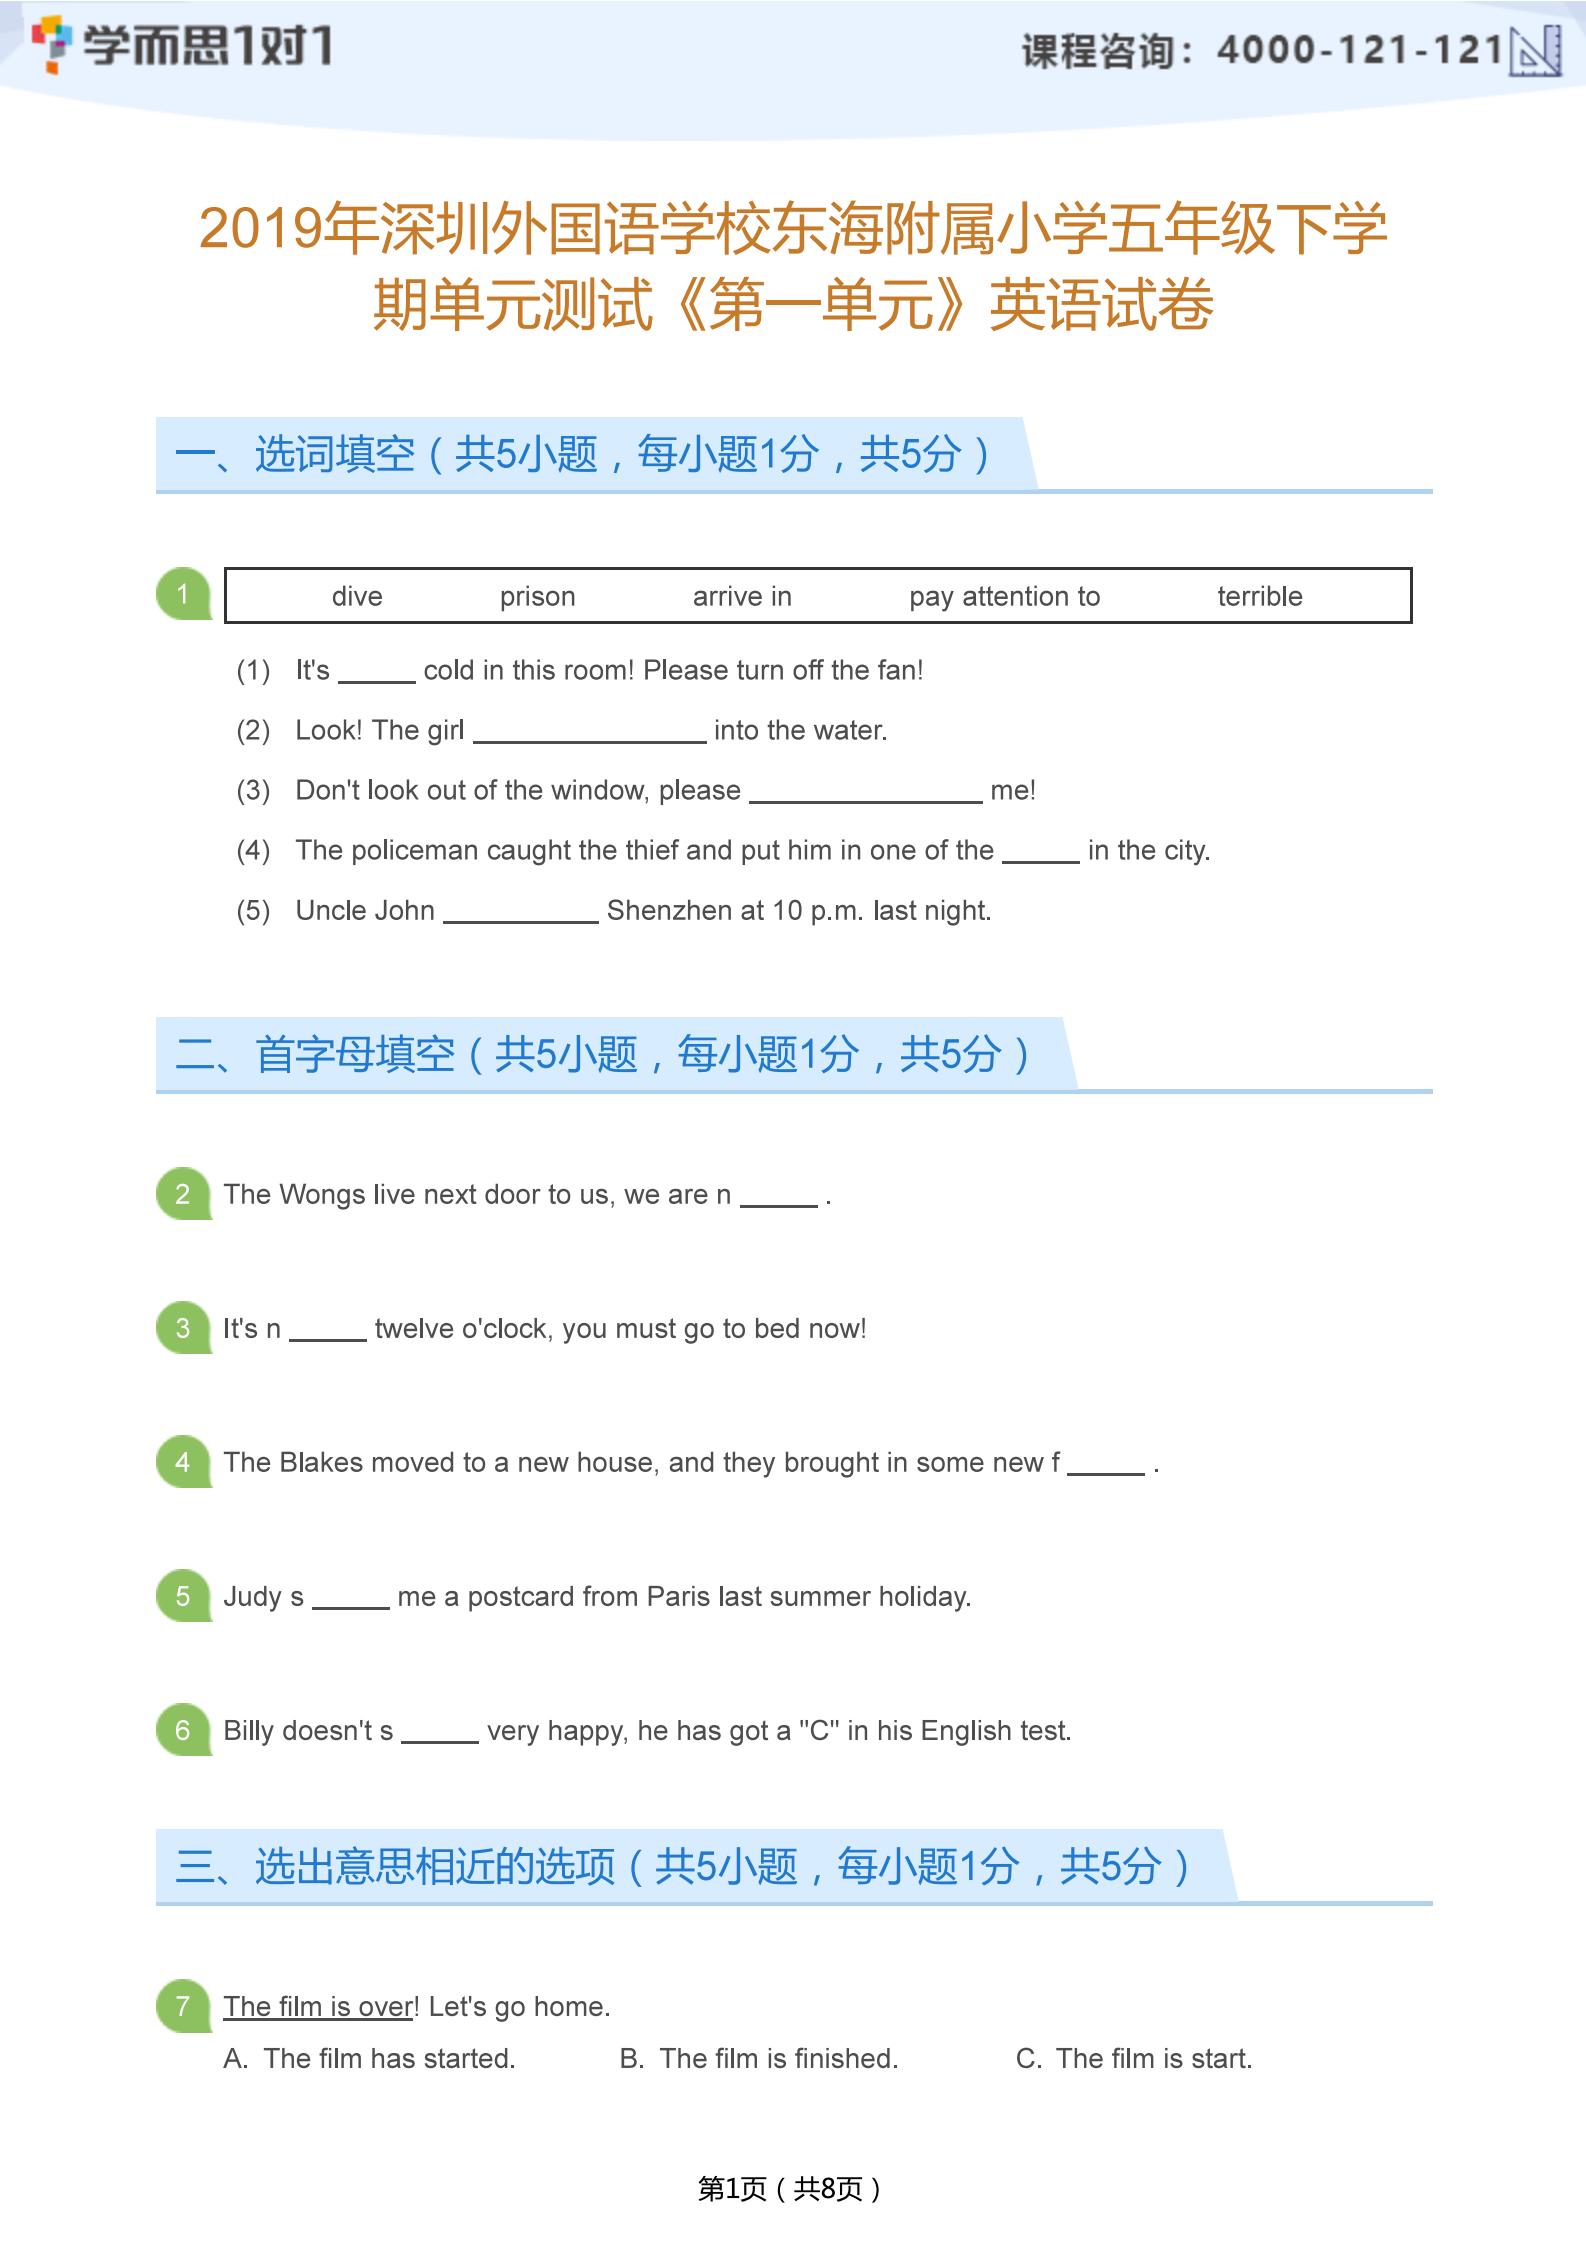 2019年深圳�|海附小�W五年�下�浴兜谝�卧�》�卧��y�英�Z�卷及答案